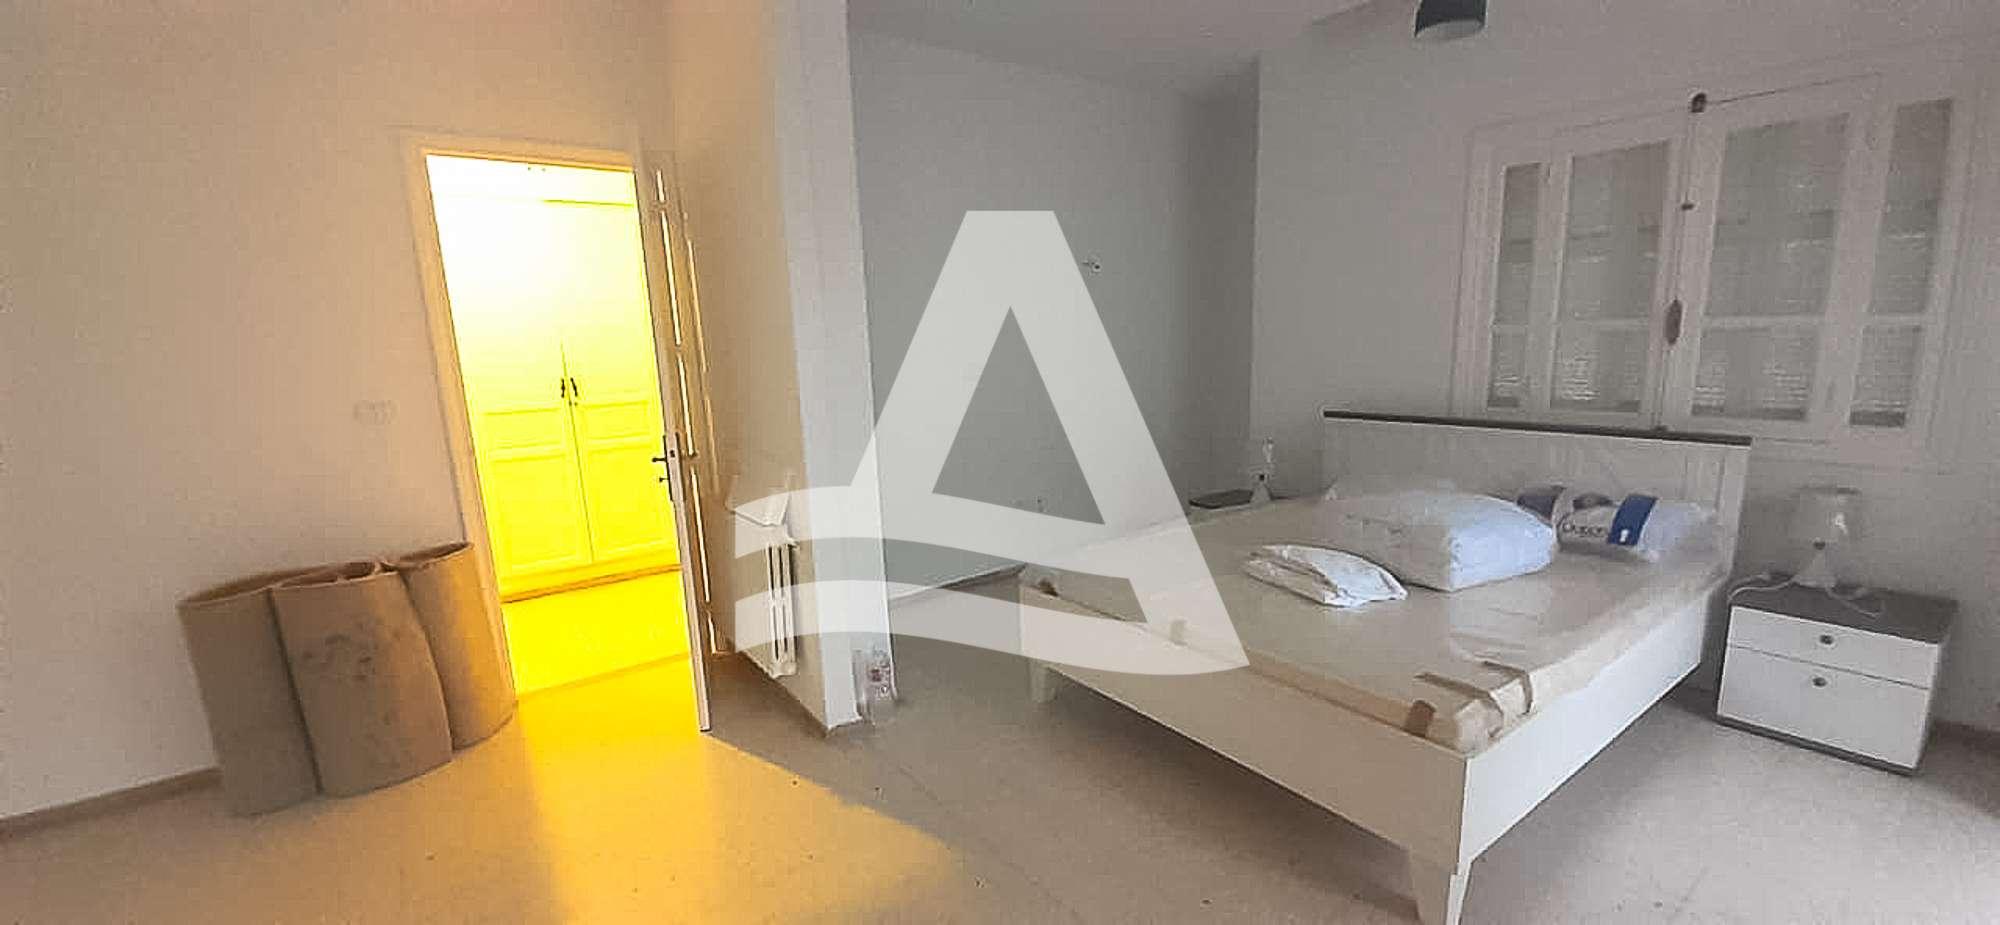 httpss3.amazonaws.comlogimoaws_Arcane_immobilière_la_Marsa-_location_-_vente_la_marsa__-11_1583429653014